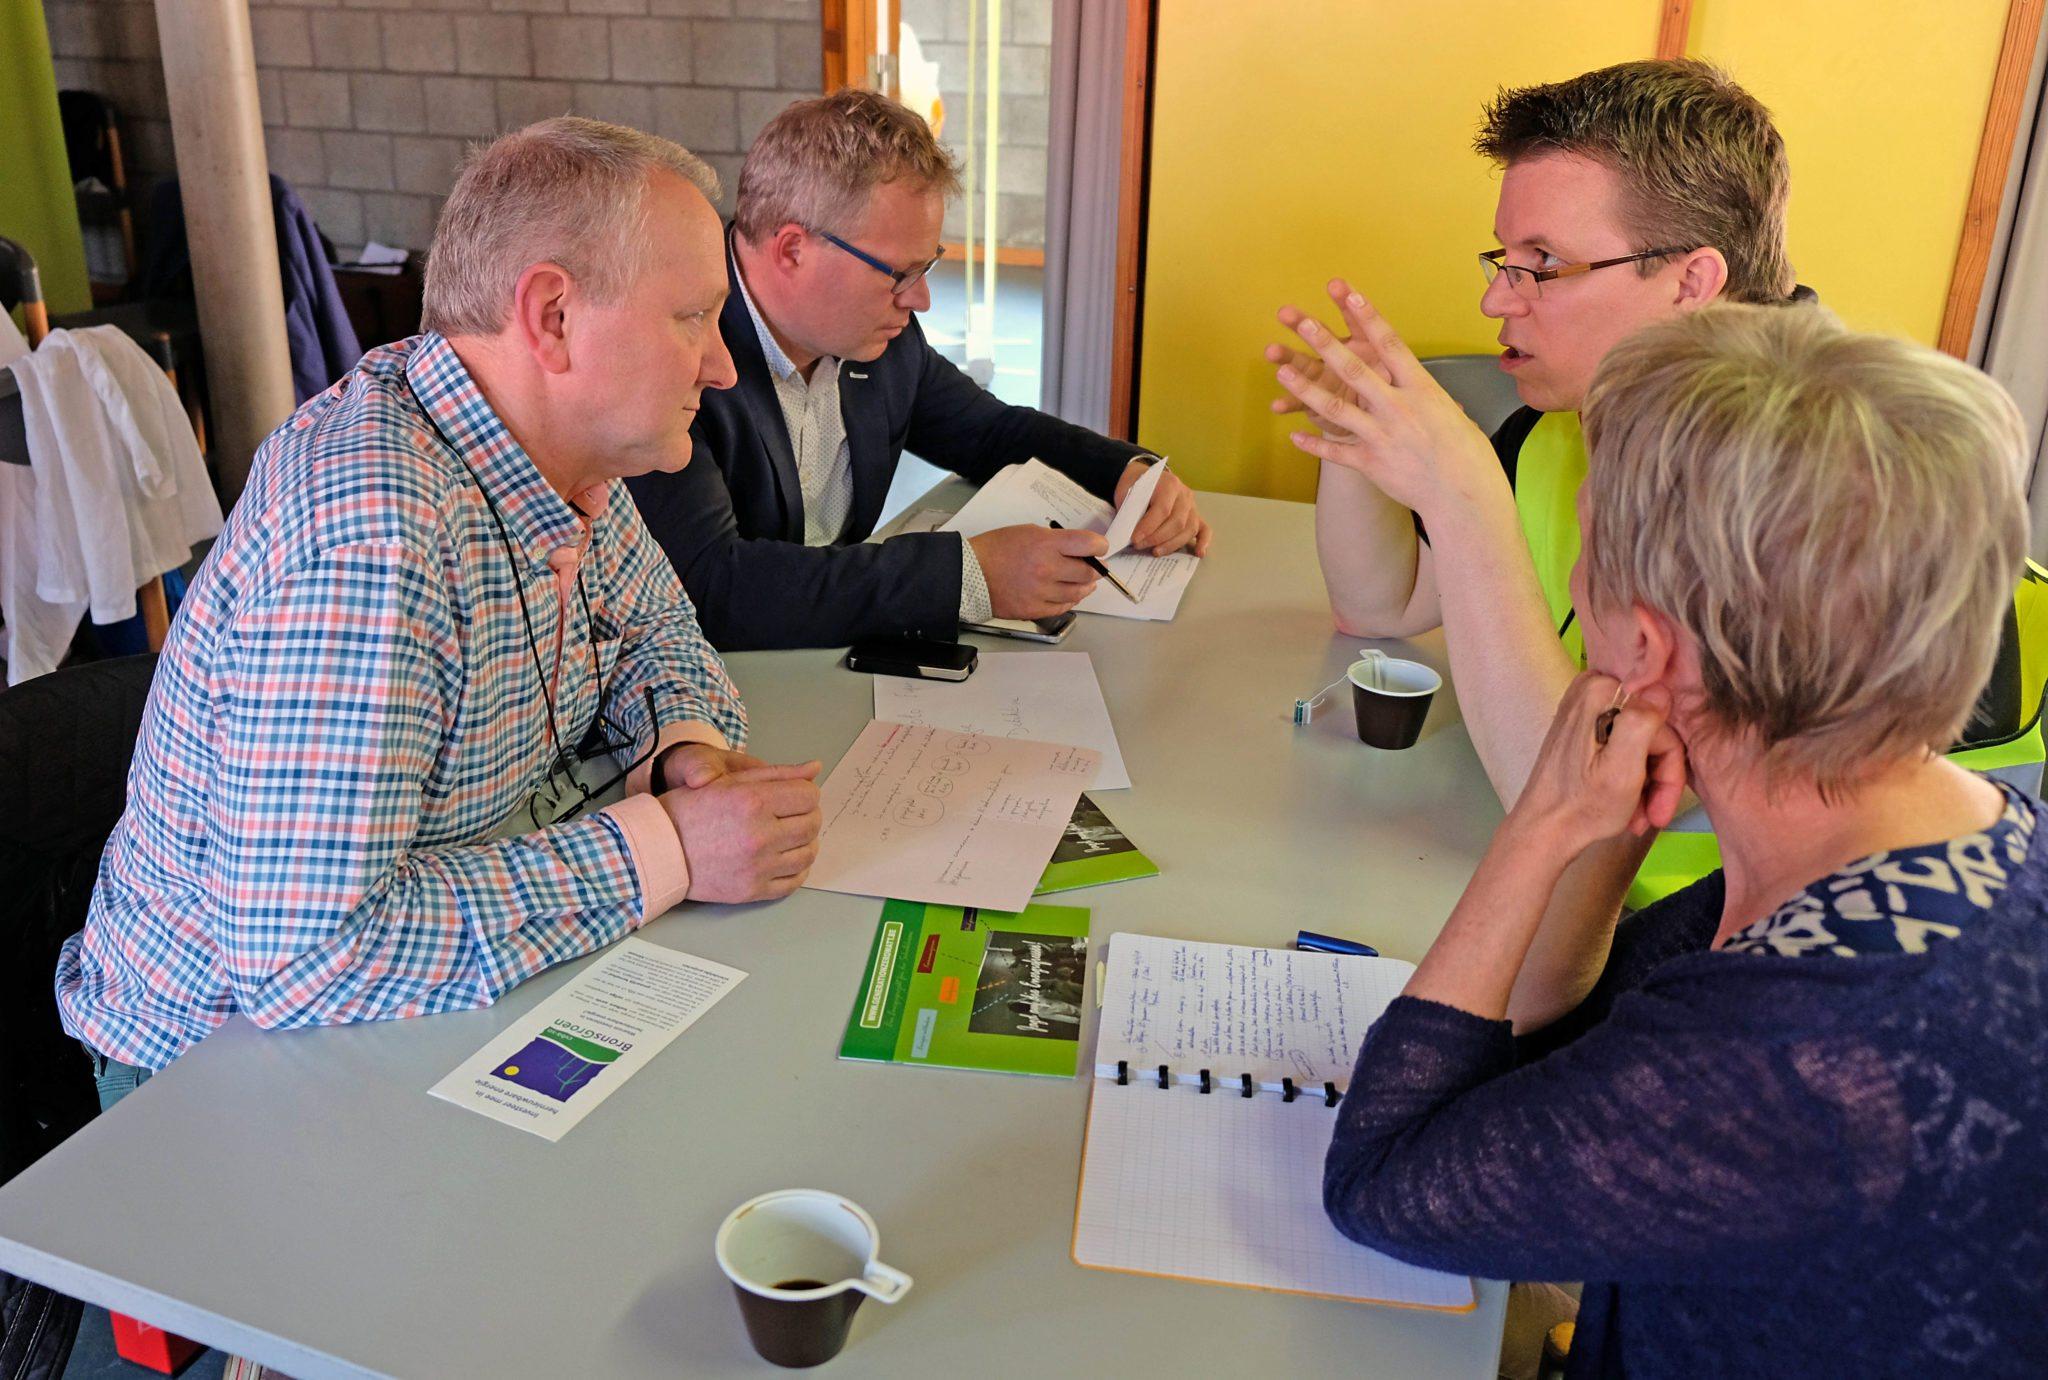 Die grünen Parteien der Euregio Maas-Rhein kooperieren bei der Energiewende